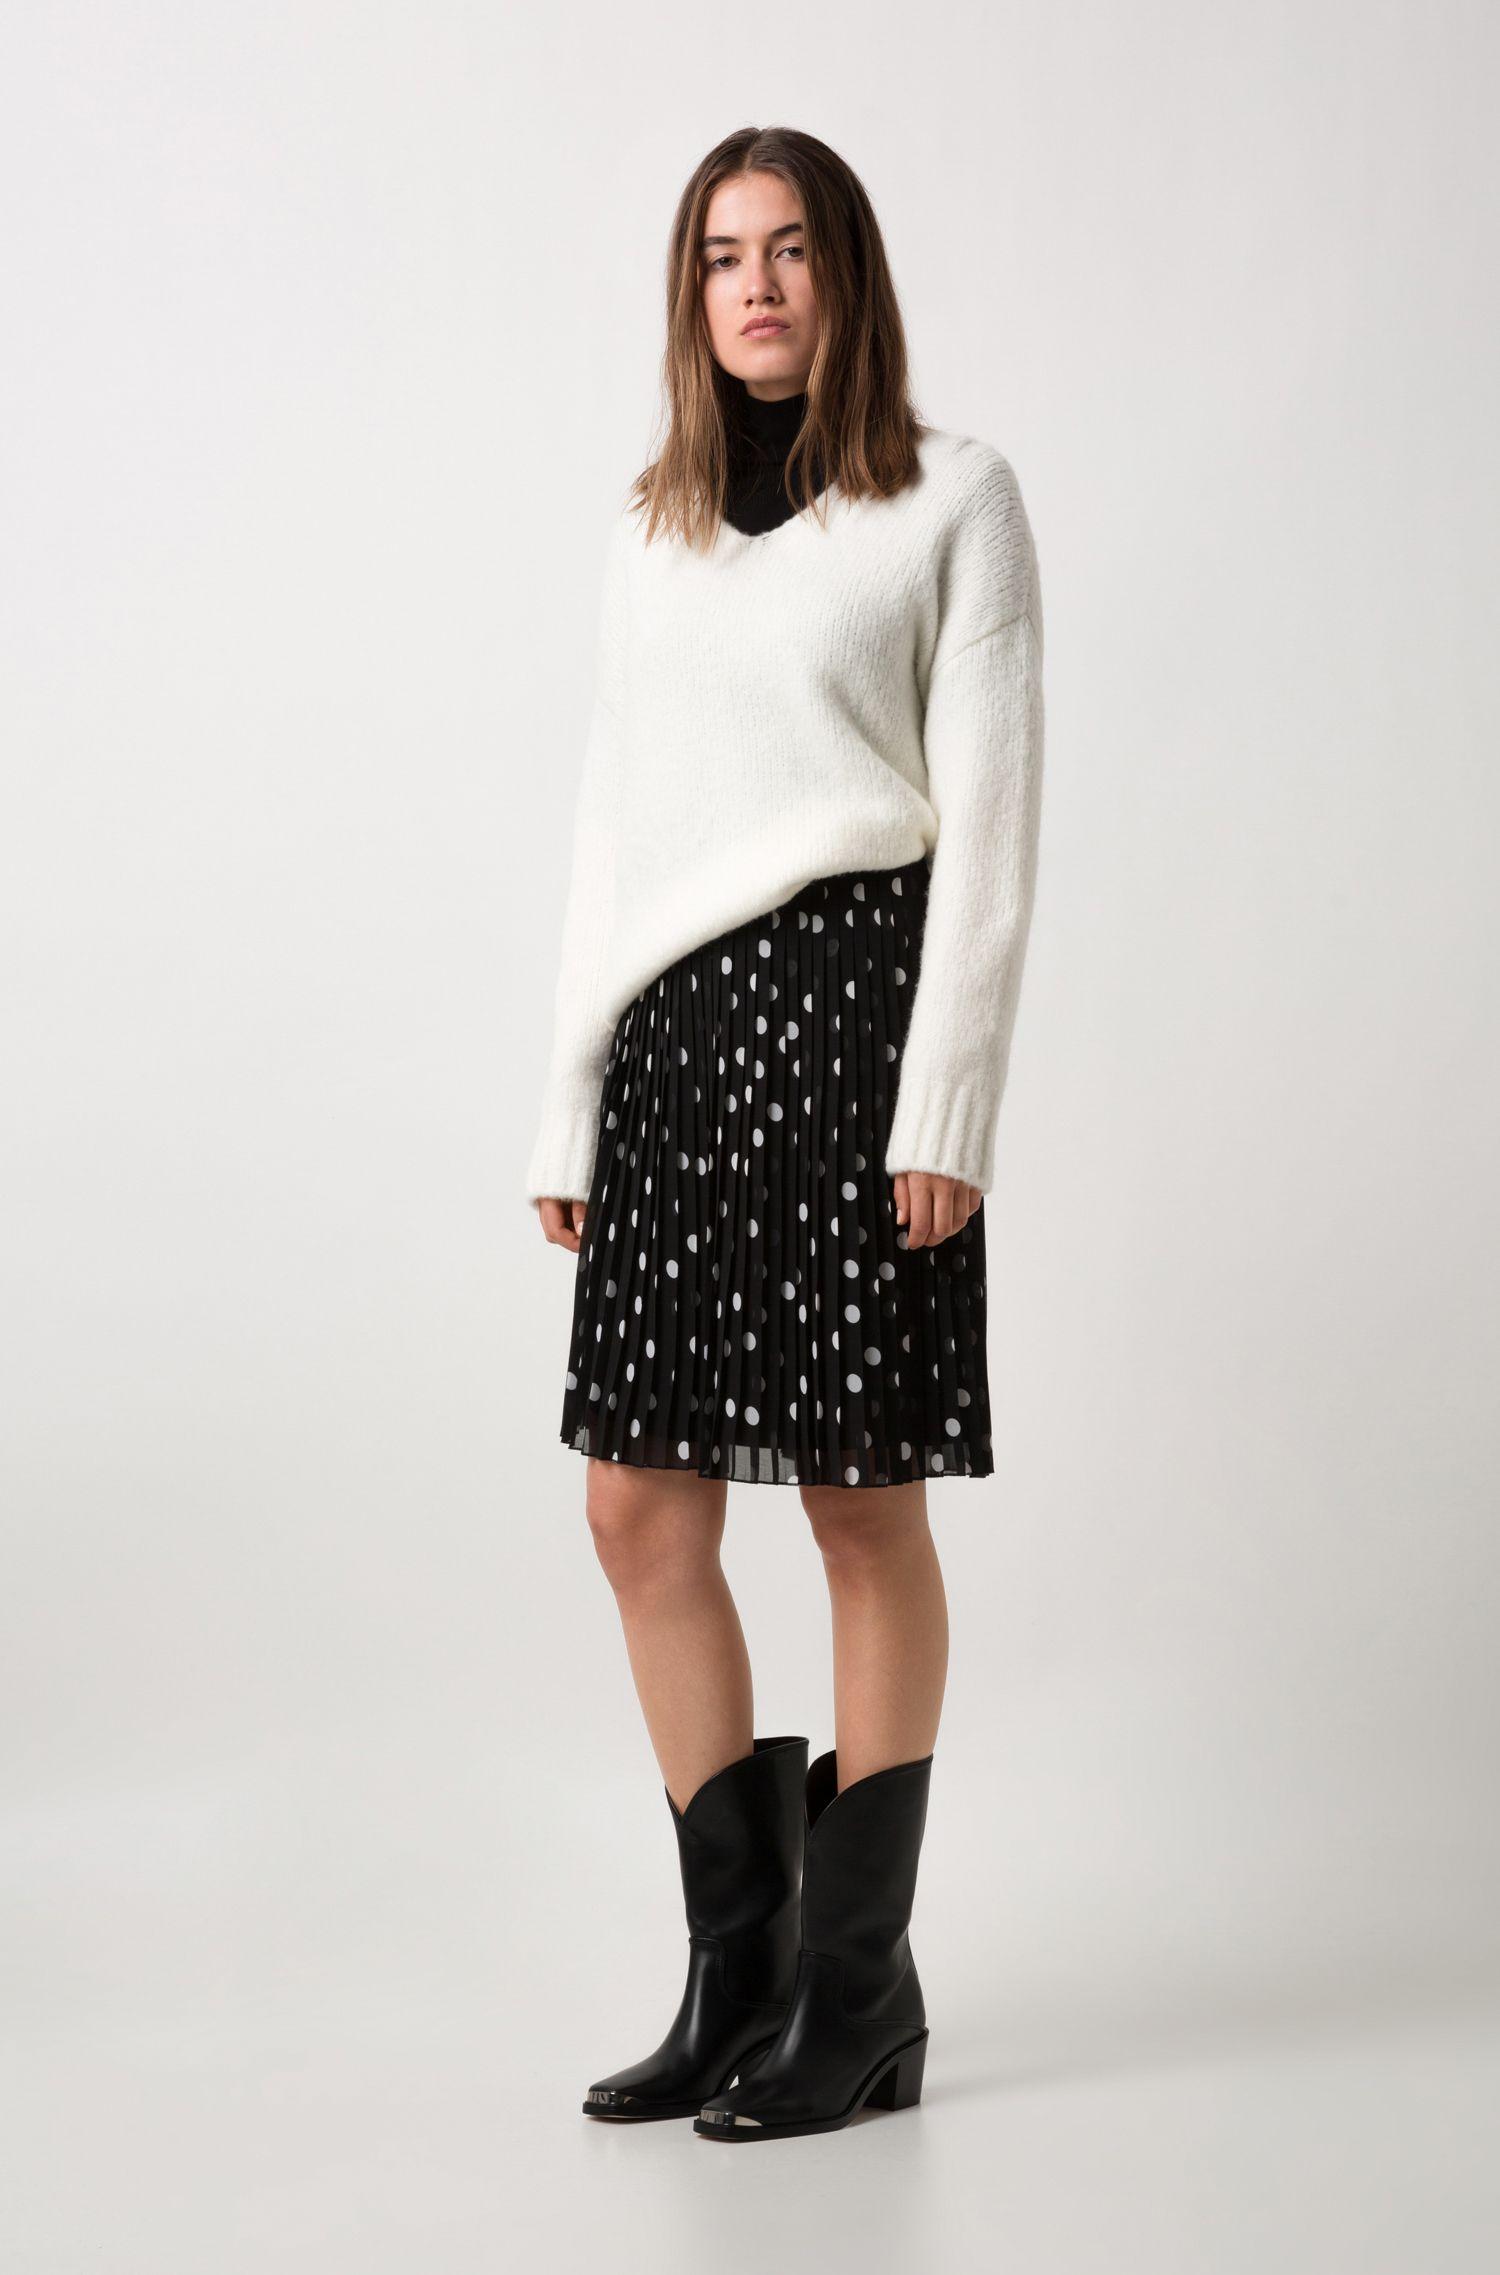 Maglione relaxed fit in misto lana vergine elasticizzata, Naturale